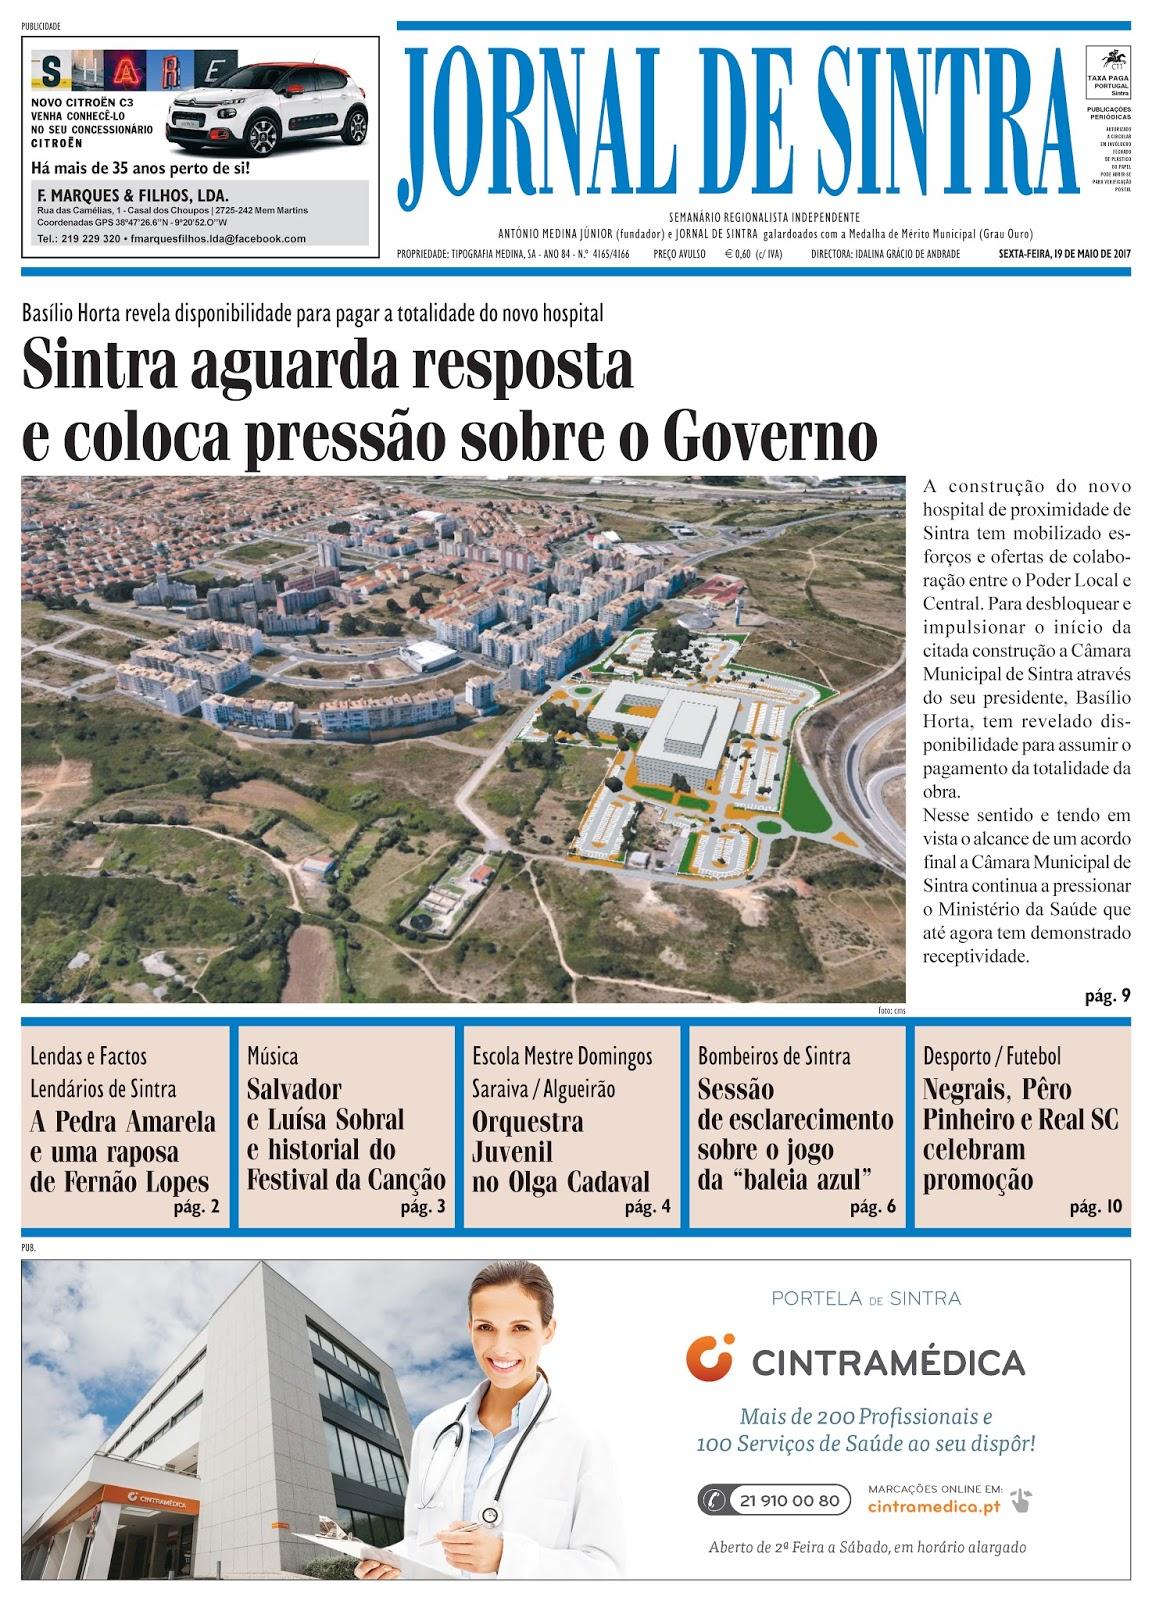 Capa da edição de 19-05-2017